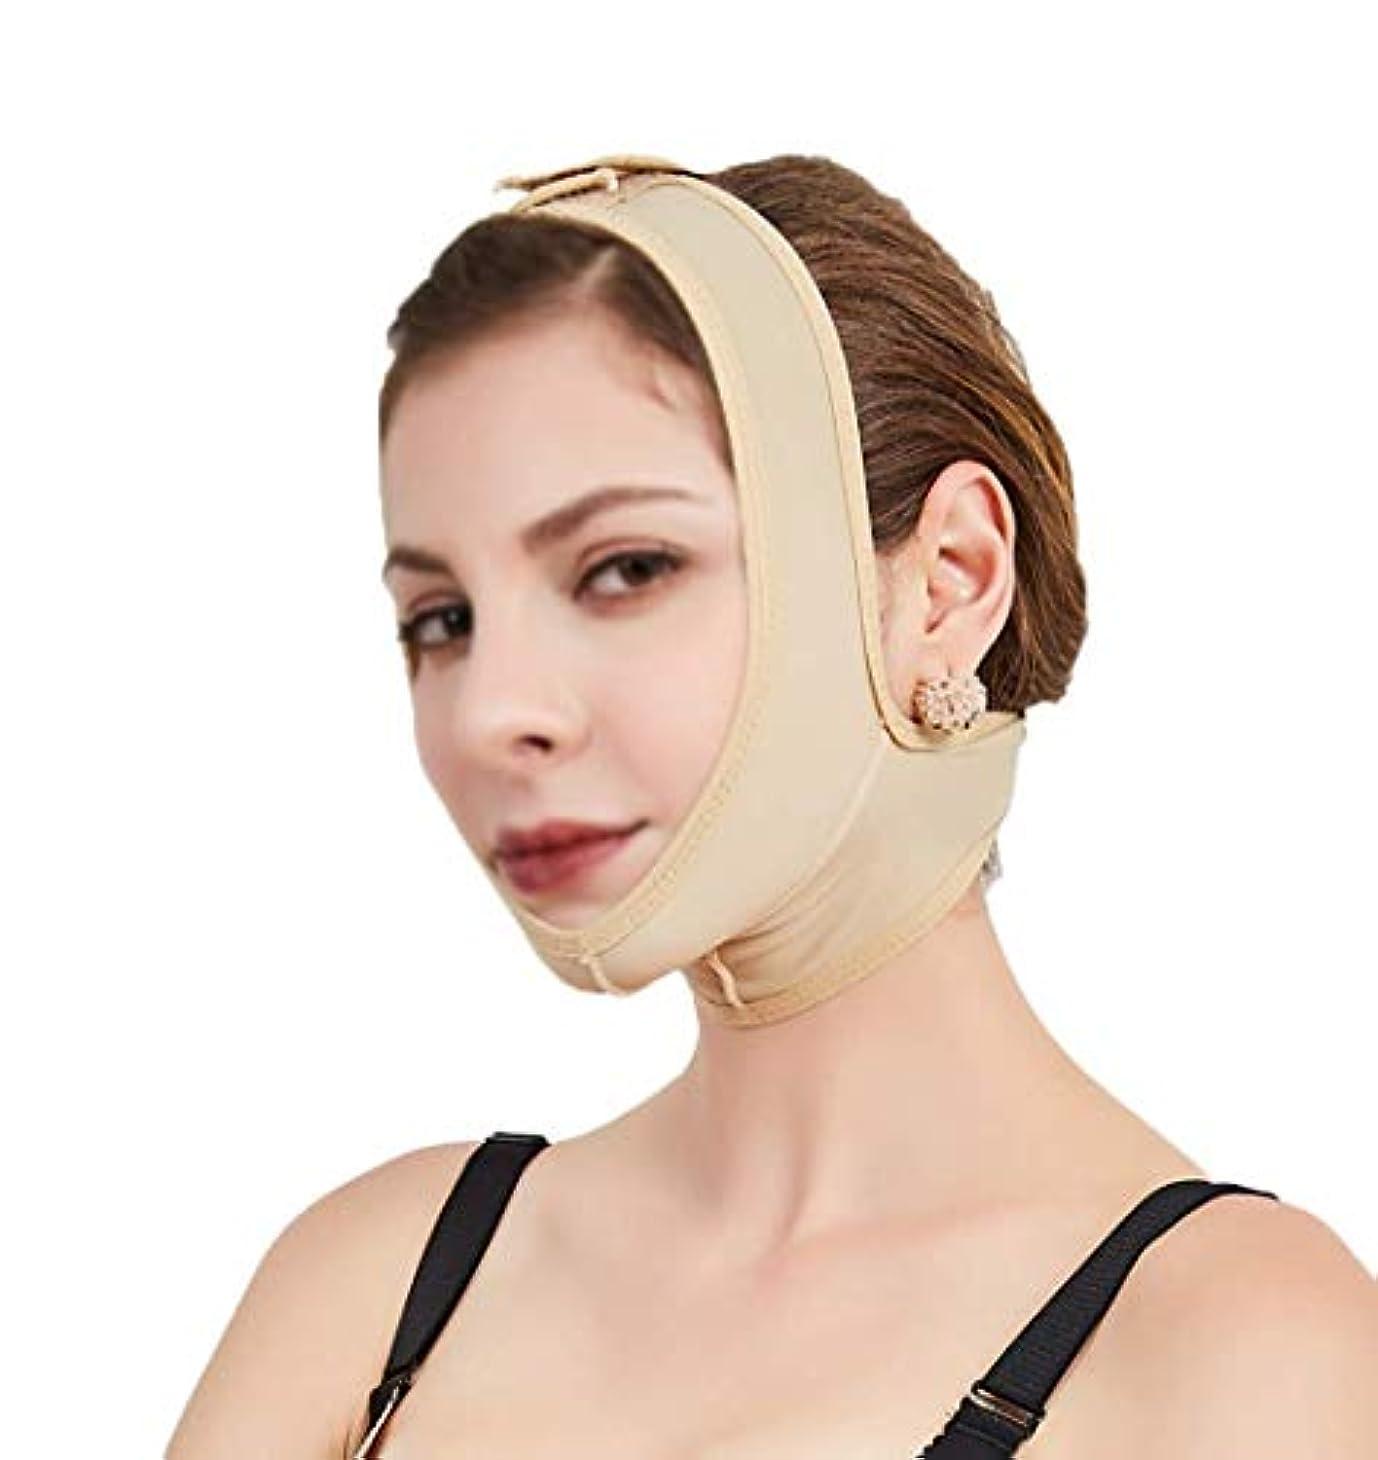 リング限られたベストフェイスアンドネックリフトポストエラスティックスリーブ下顎骨セットフェイスアーティファクトVフェイスフェイシャルフェイスバンドルダブルチンマスク(サイズ:XS)